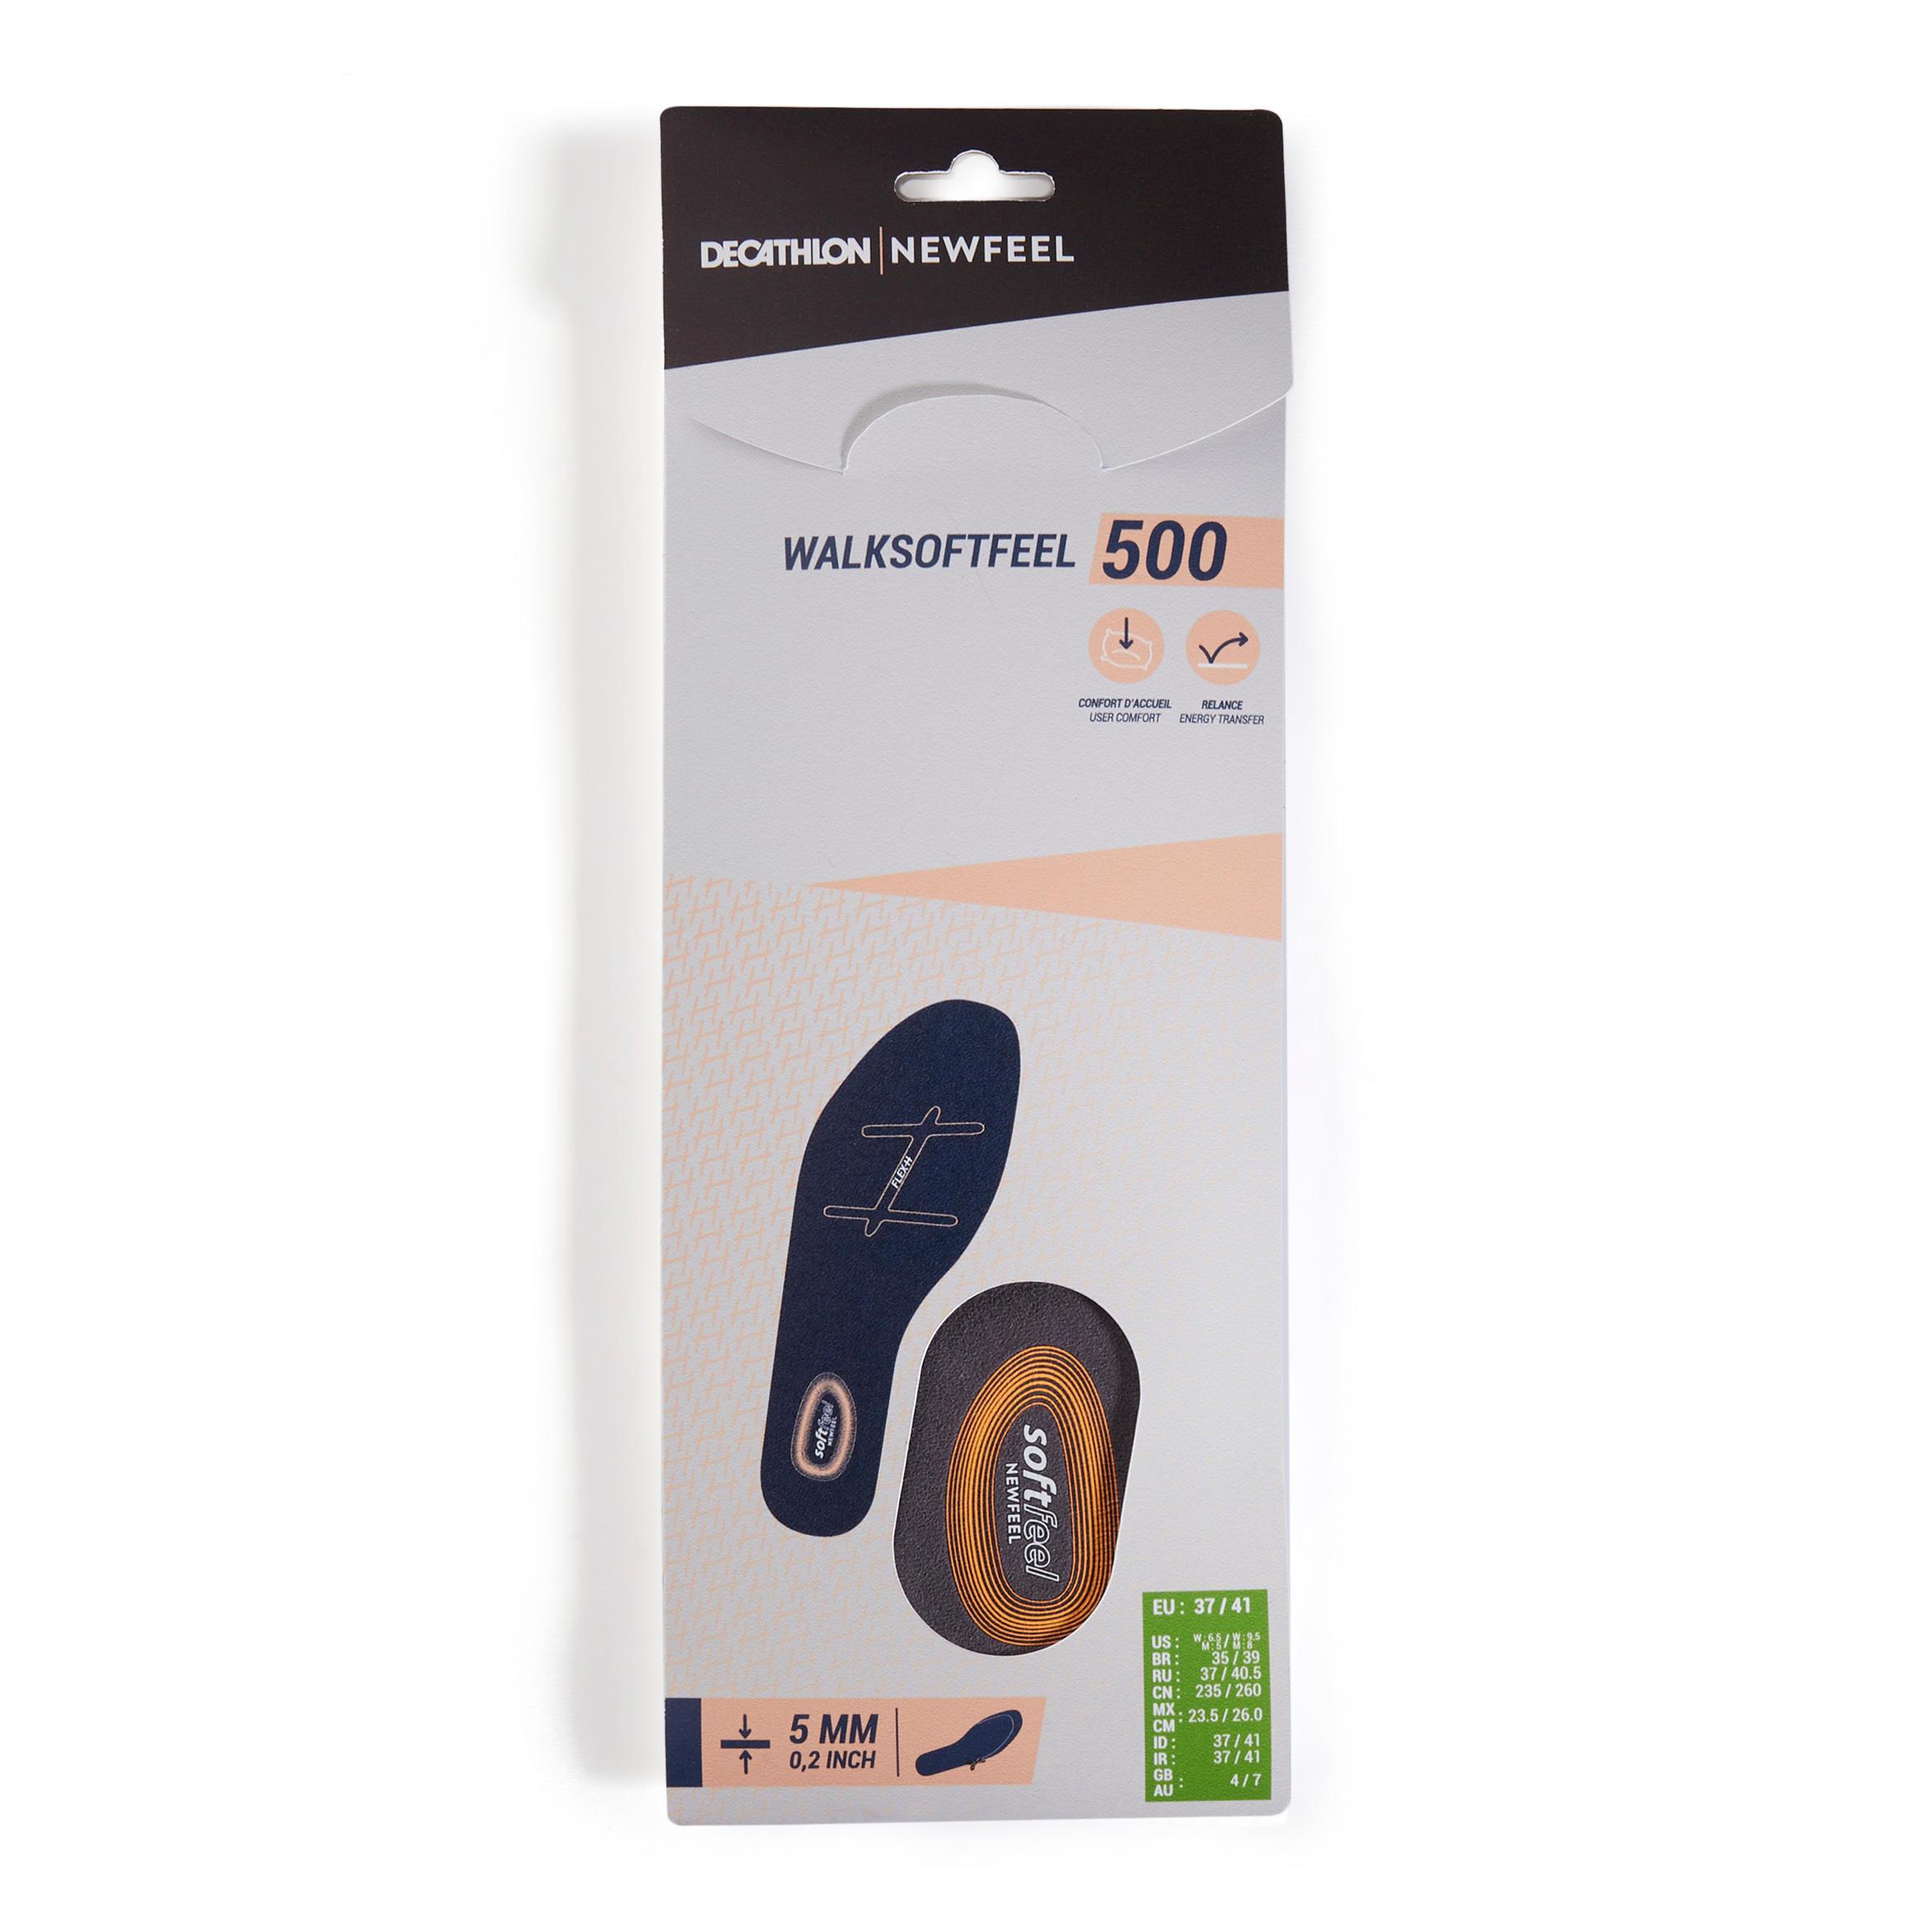 Walk Softfeel Insoles - UK 4-7 EU37-41 By NEWFEEL   Decathlon